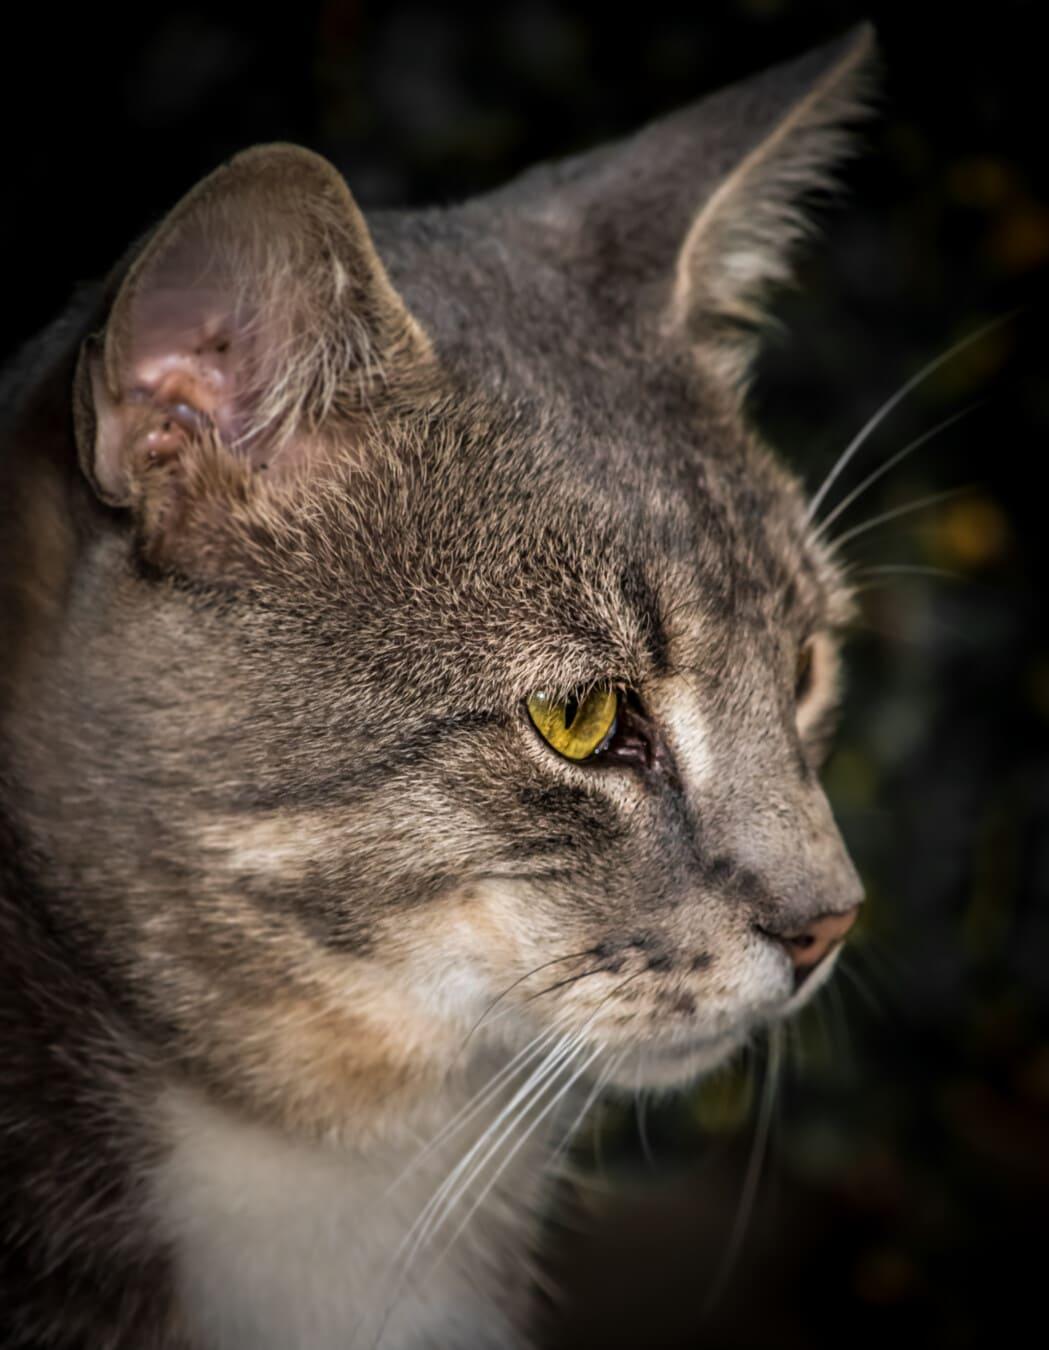 chat rayé, œil, jaune verdâtre, portrait, fermer, vue de côté, tête, chat, chaton, animal